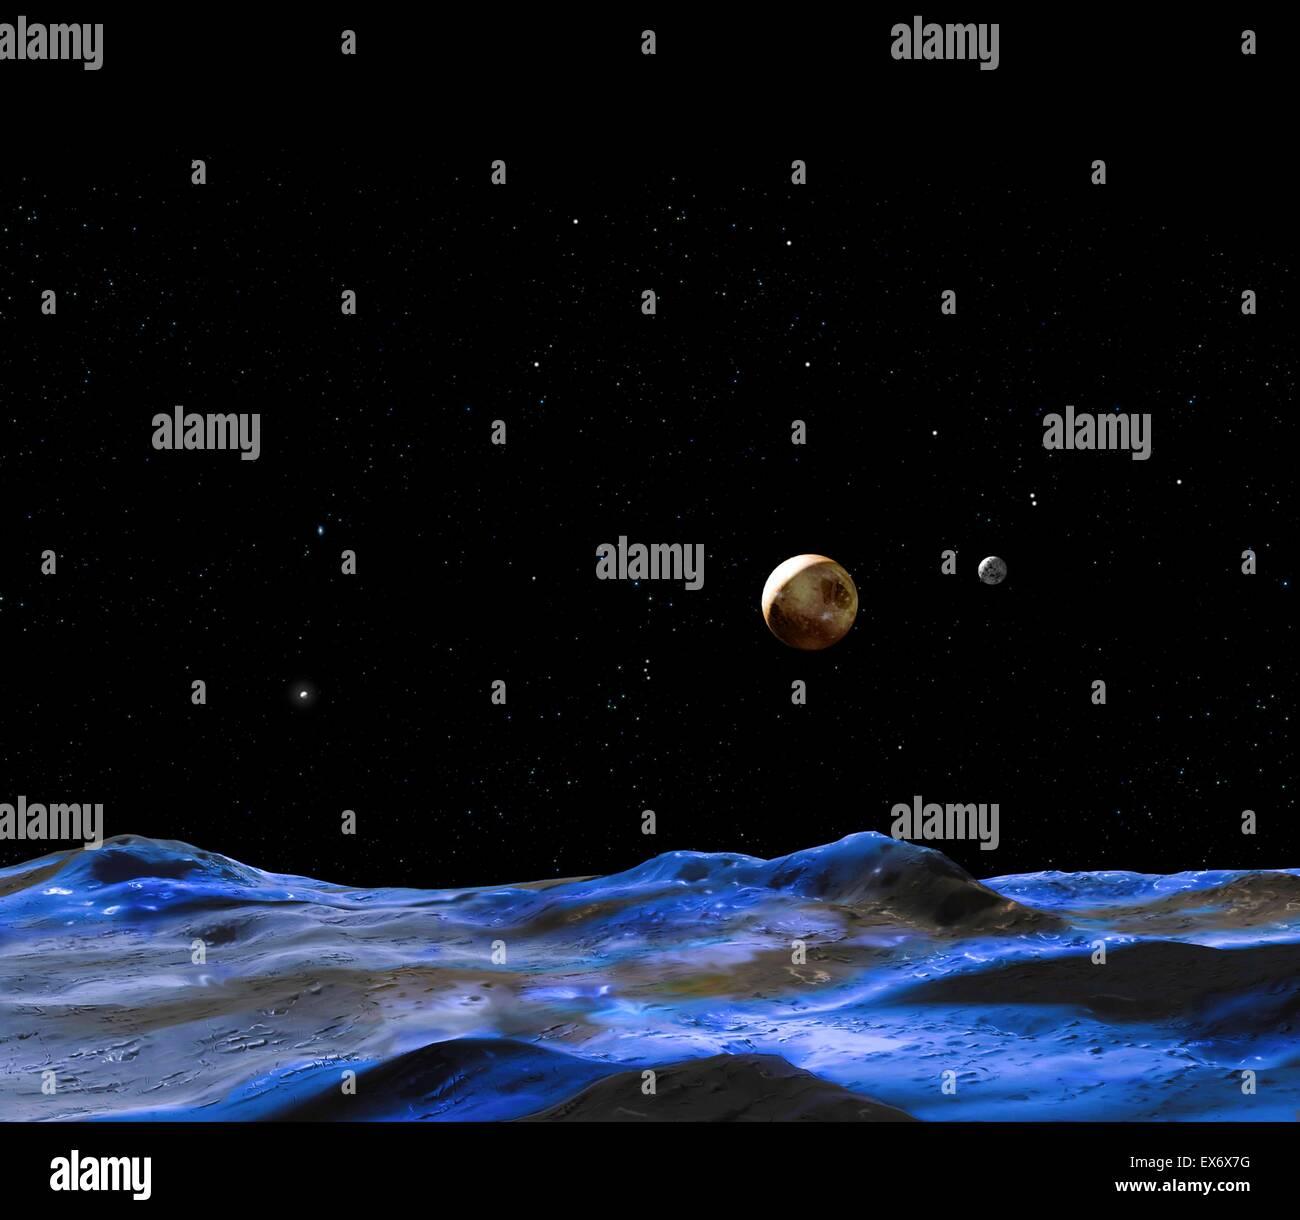 2015 concepto artista muestra a Plutón y algunas de sus lunas. Imagen De Stock